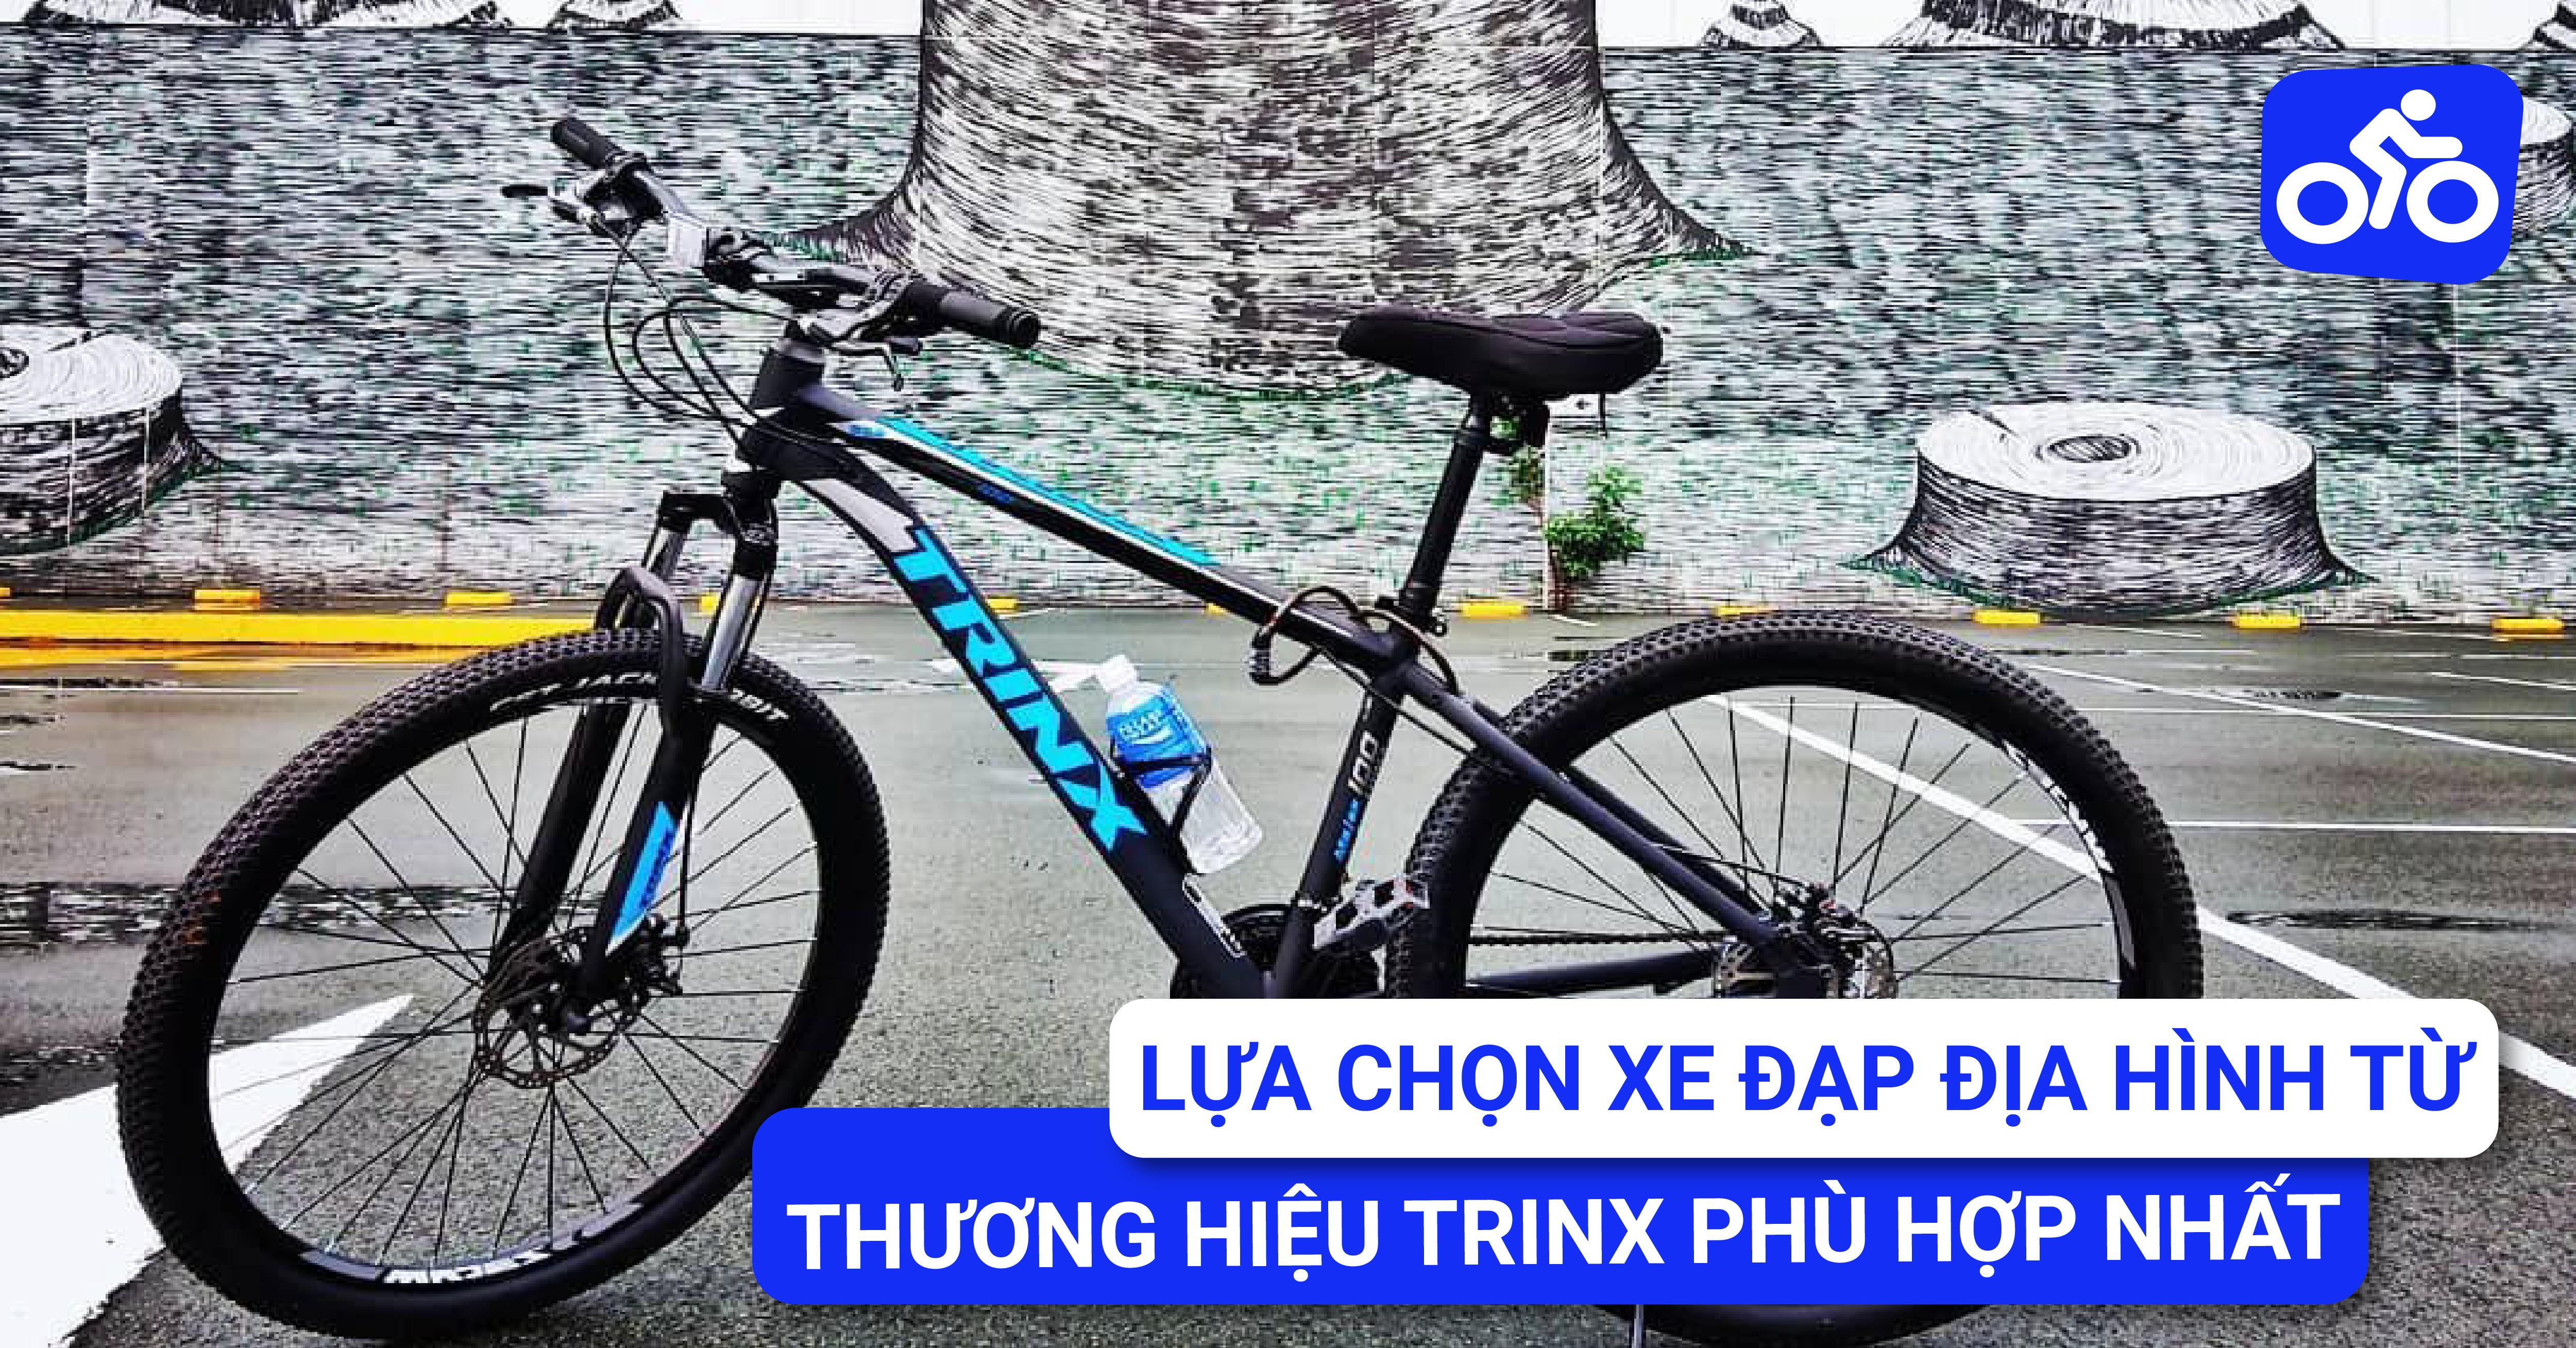 Lựa chọn xe đạp địa hình TrinX phù hợp nhất